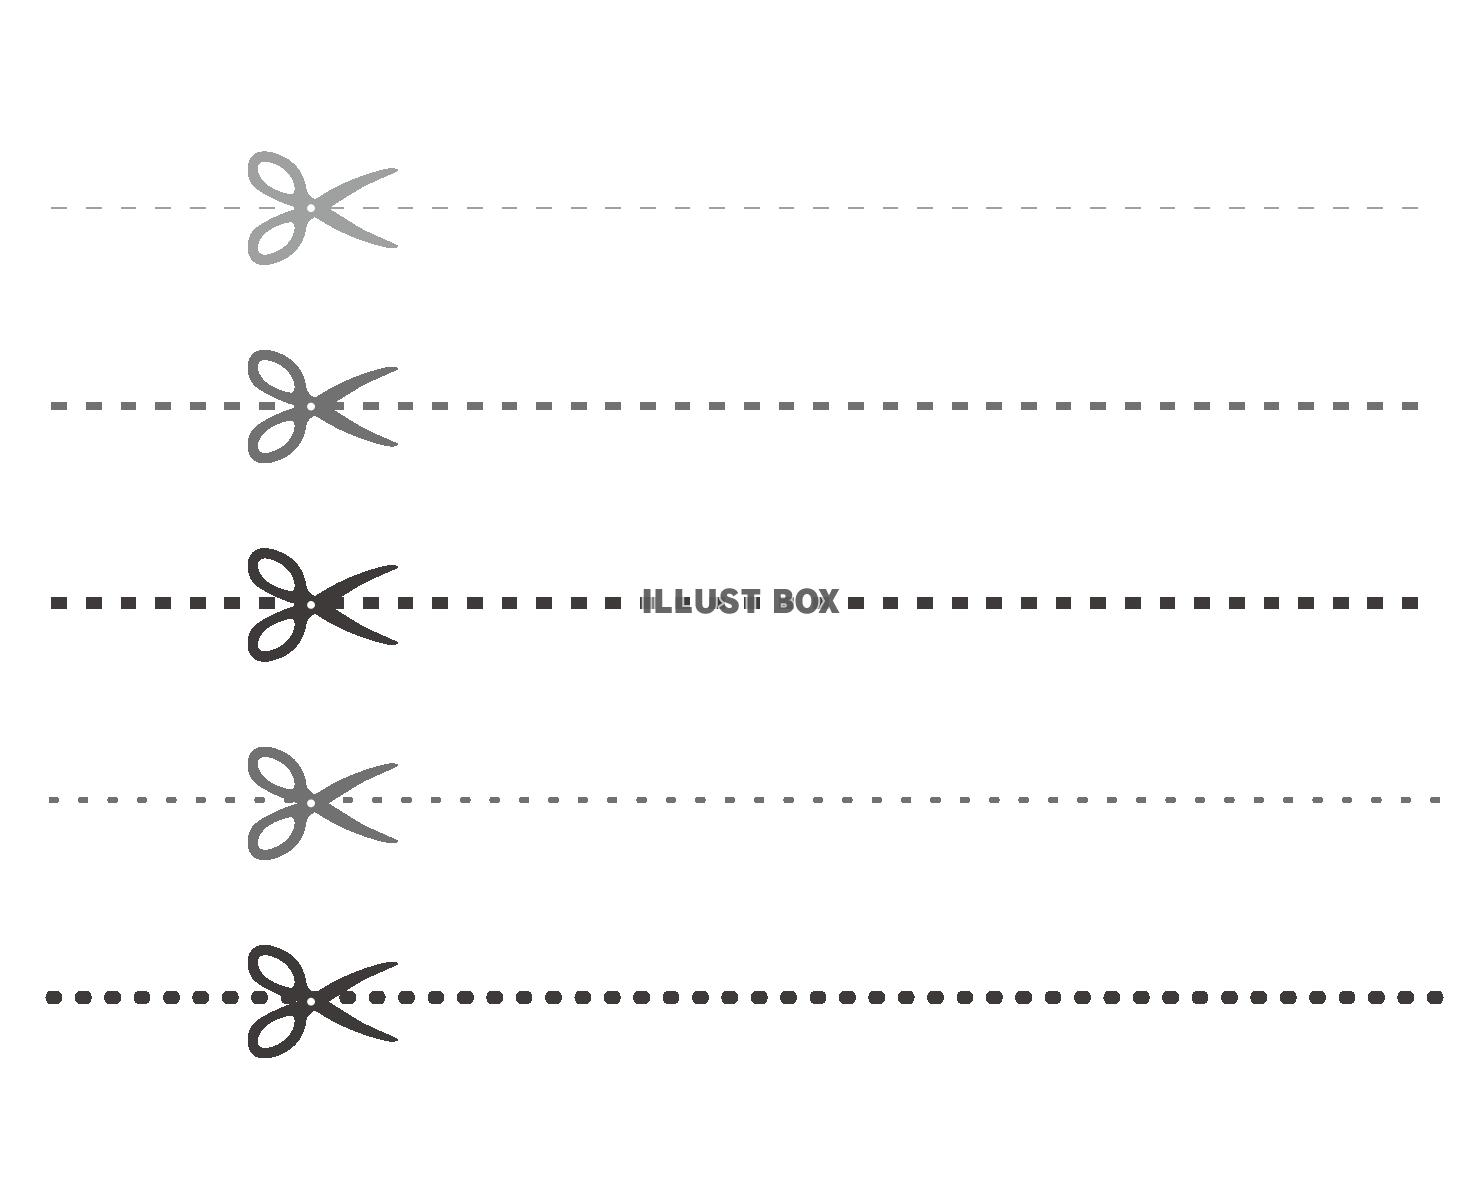 サンプル画像は線がギザギザに ... : カレンダー 素材 フリー : カレンダー